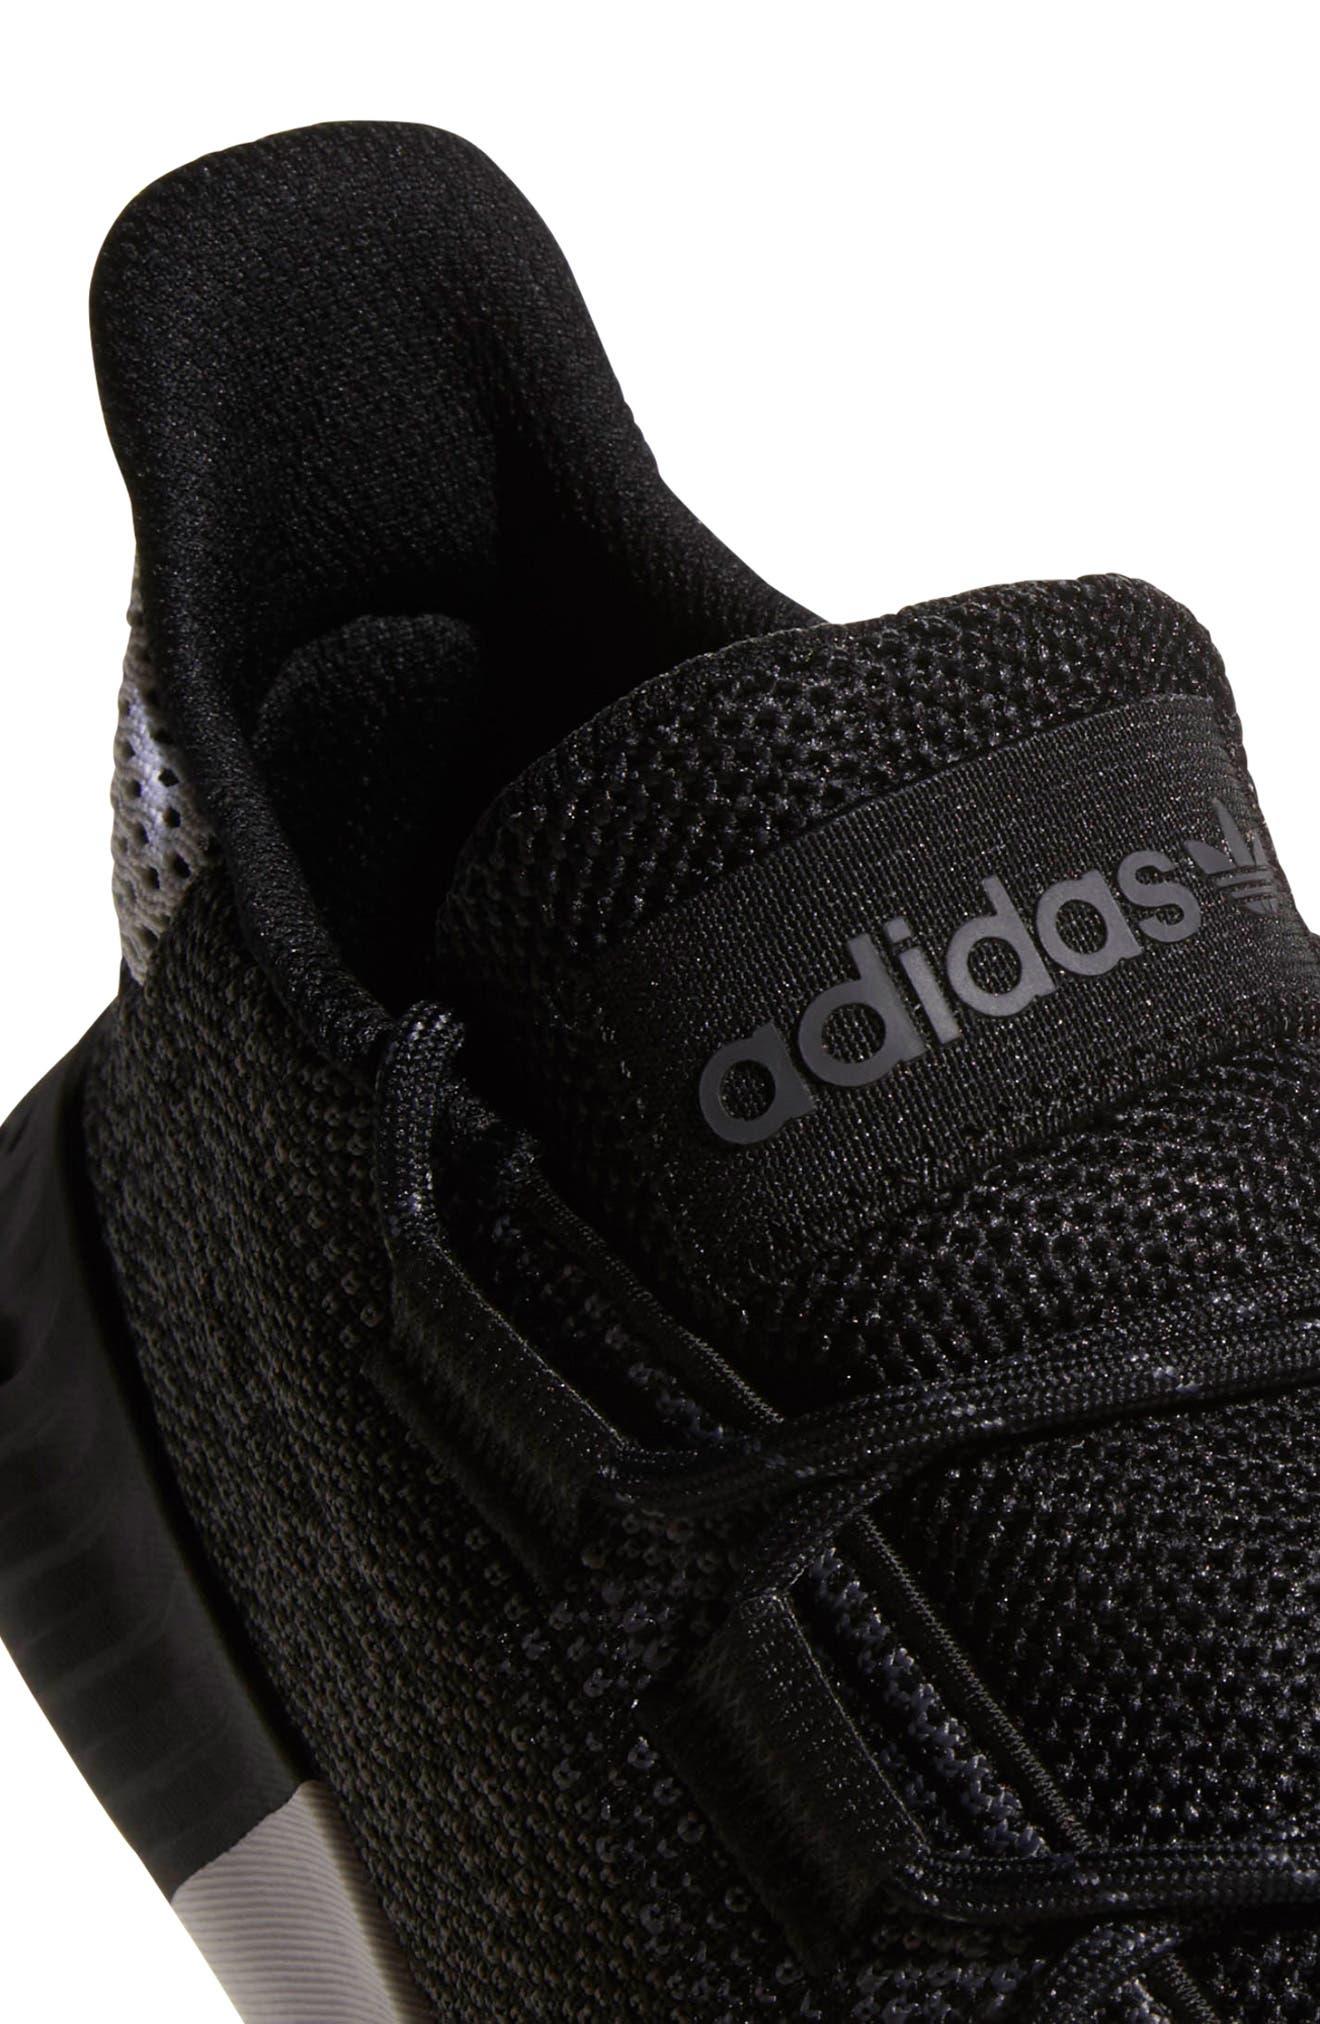 Tubular Dusk Primeknit Sneaker,                             Alternate thumbnail 6, color,                             WHITE/ BLACK/ GREY